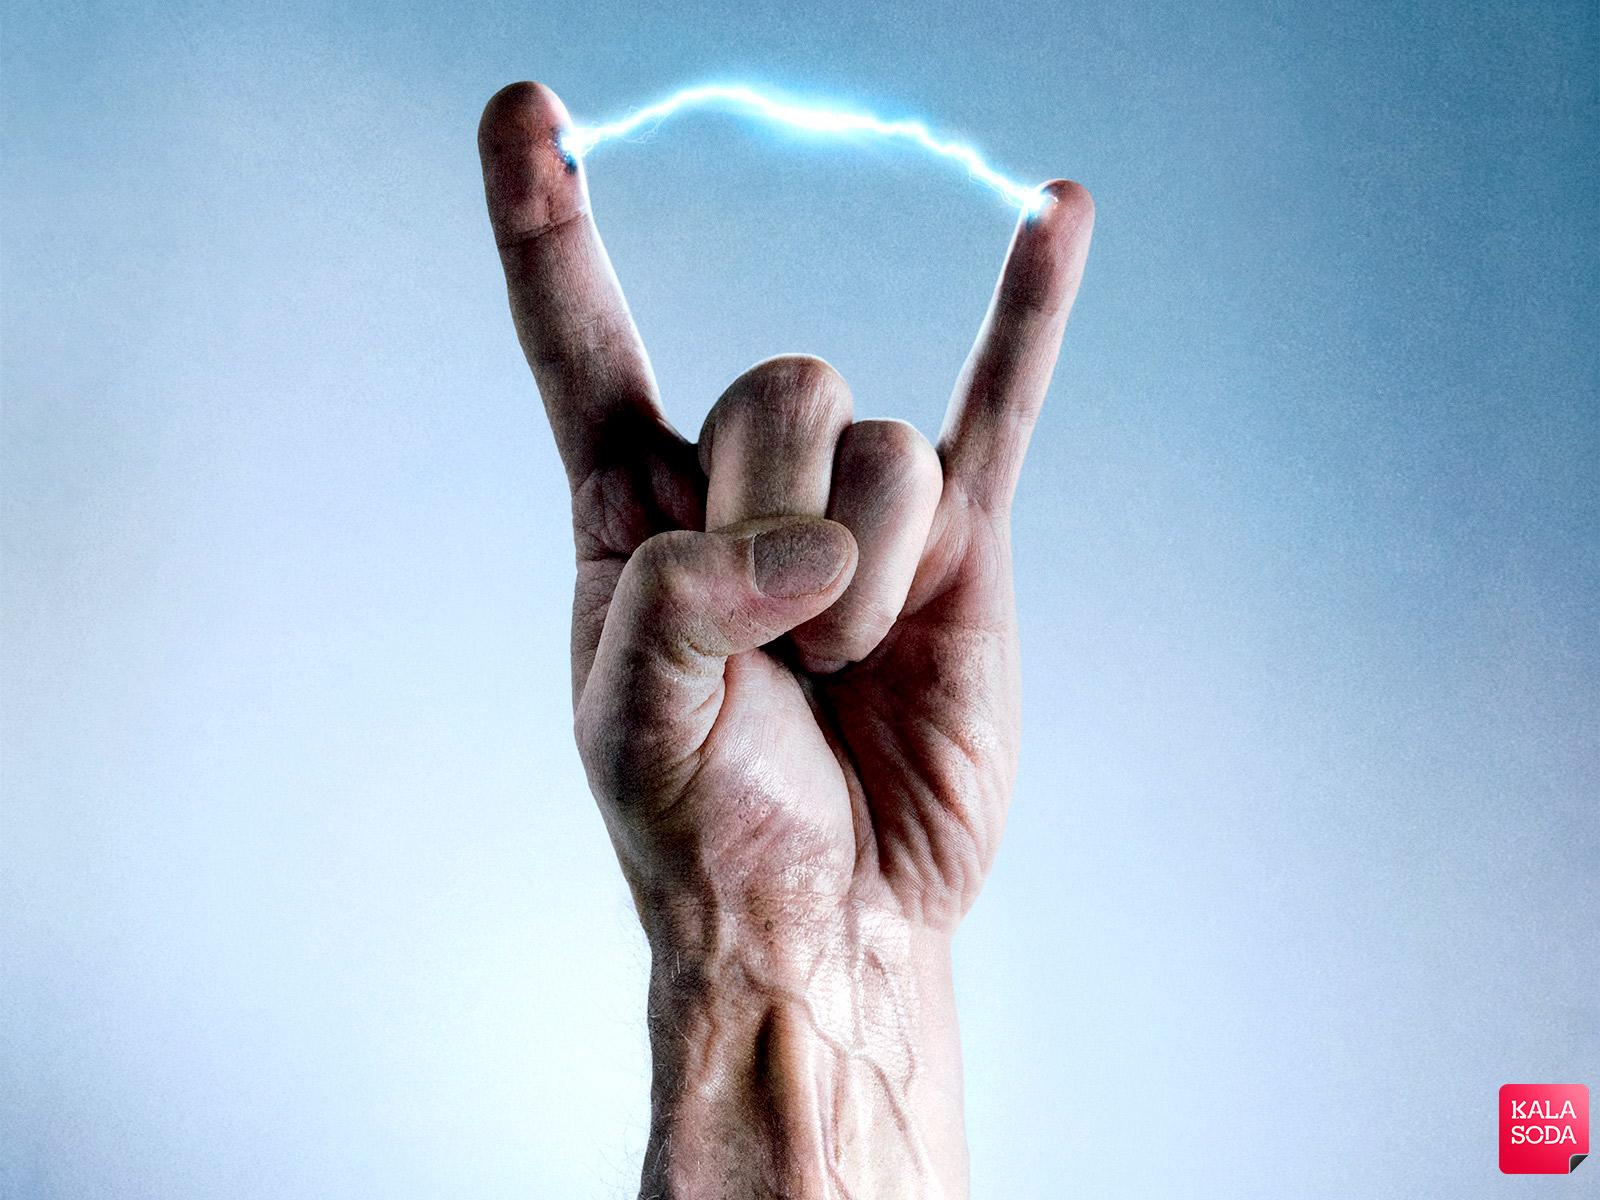 به فاصله خم کردن انگشتانتان شارژ هدیه بگیرید|کالاسودا